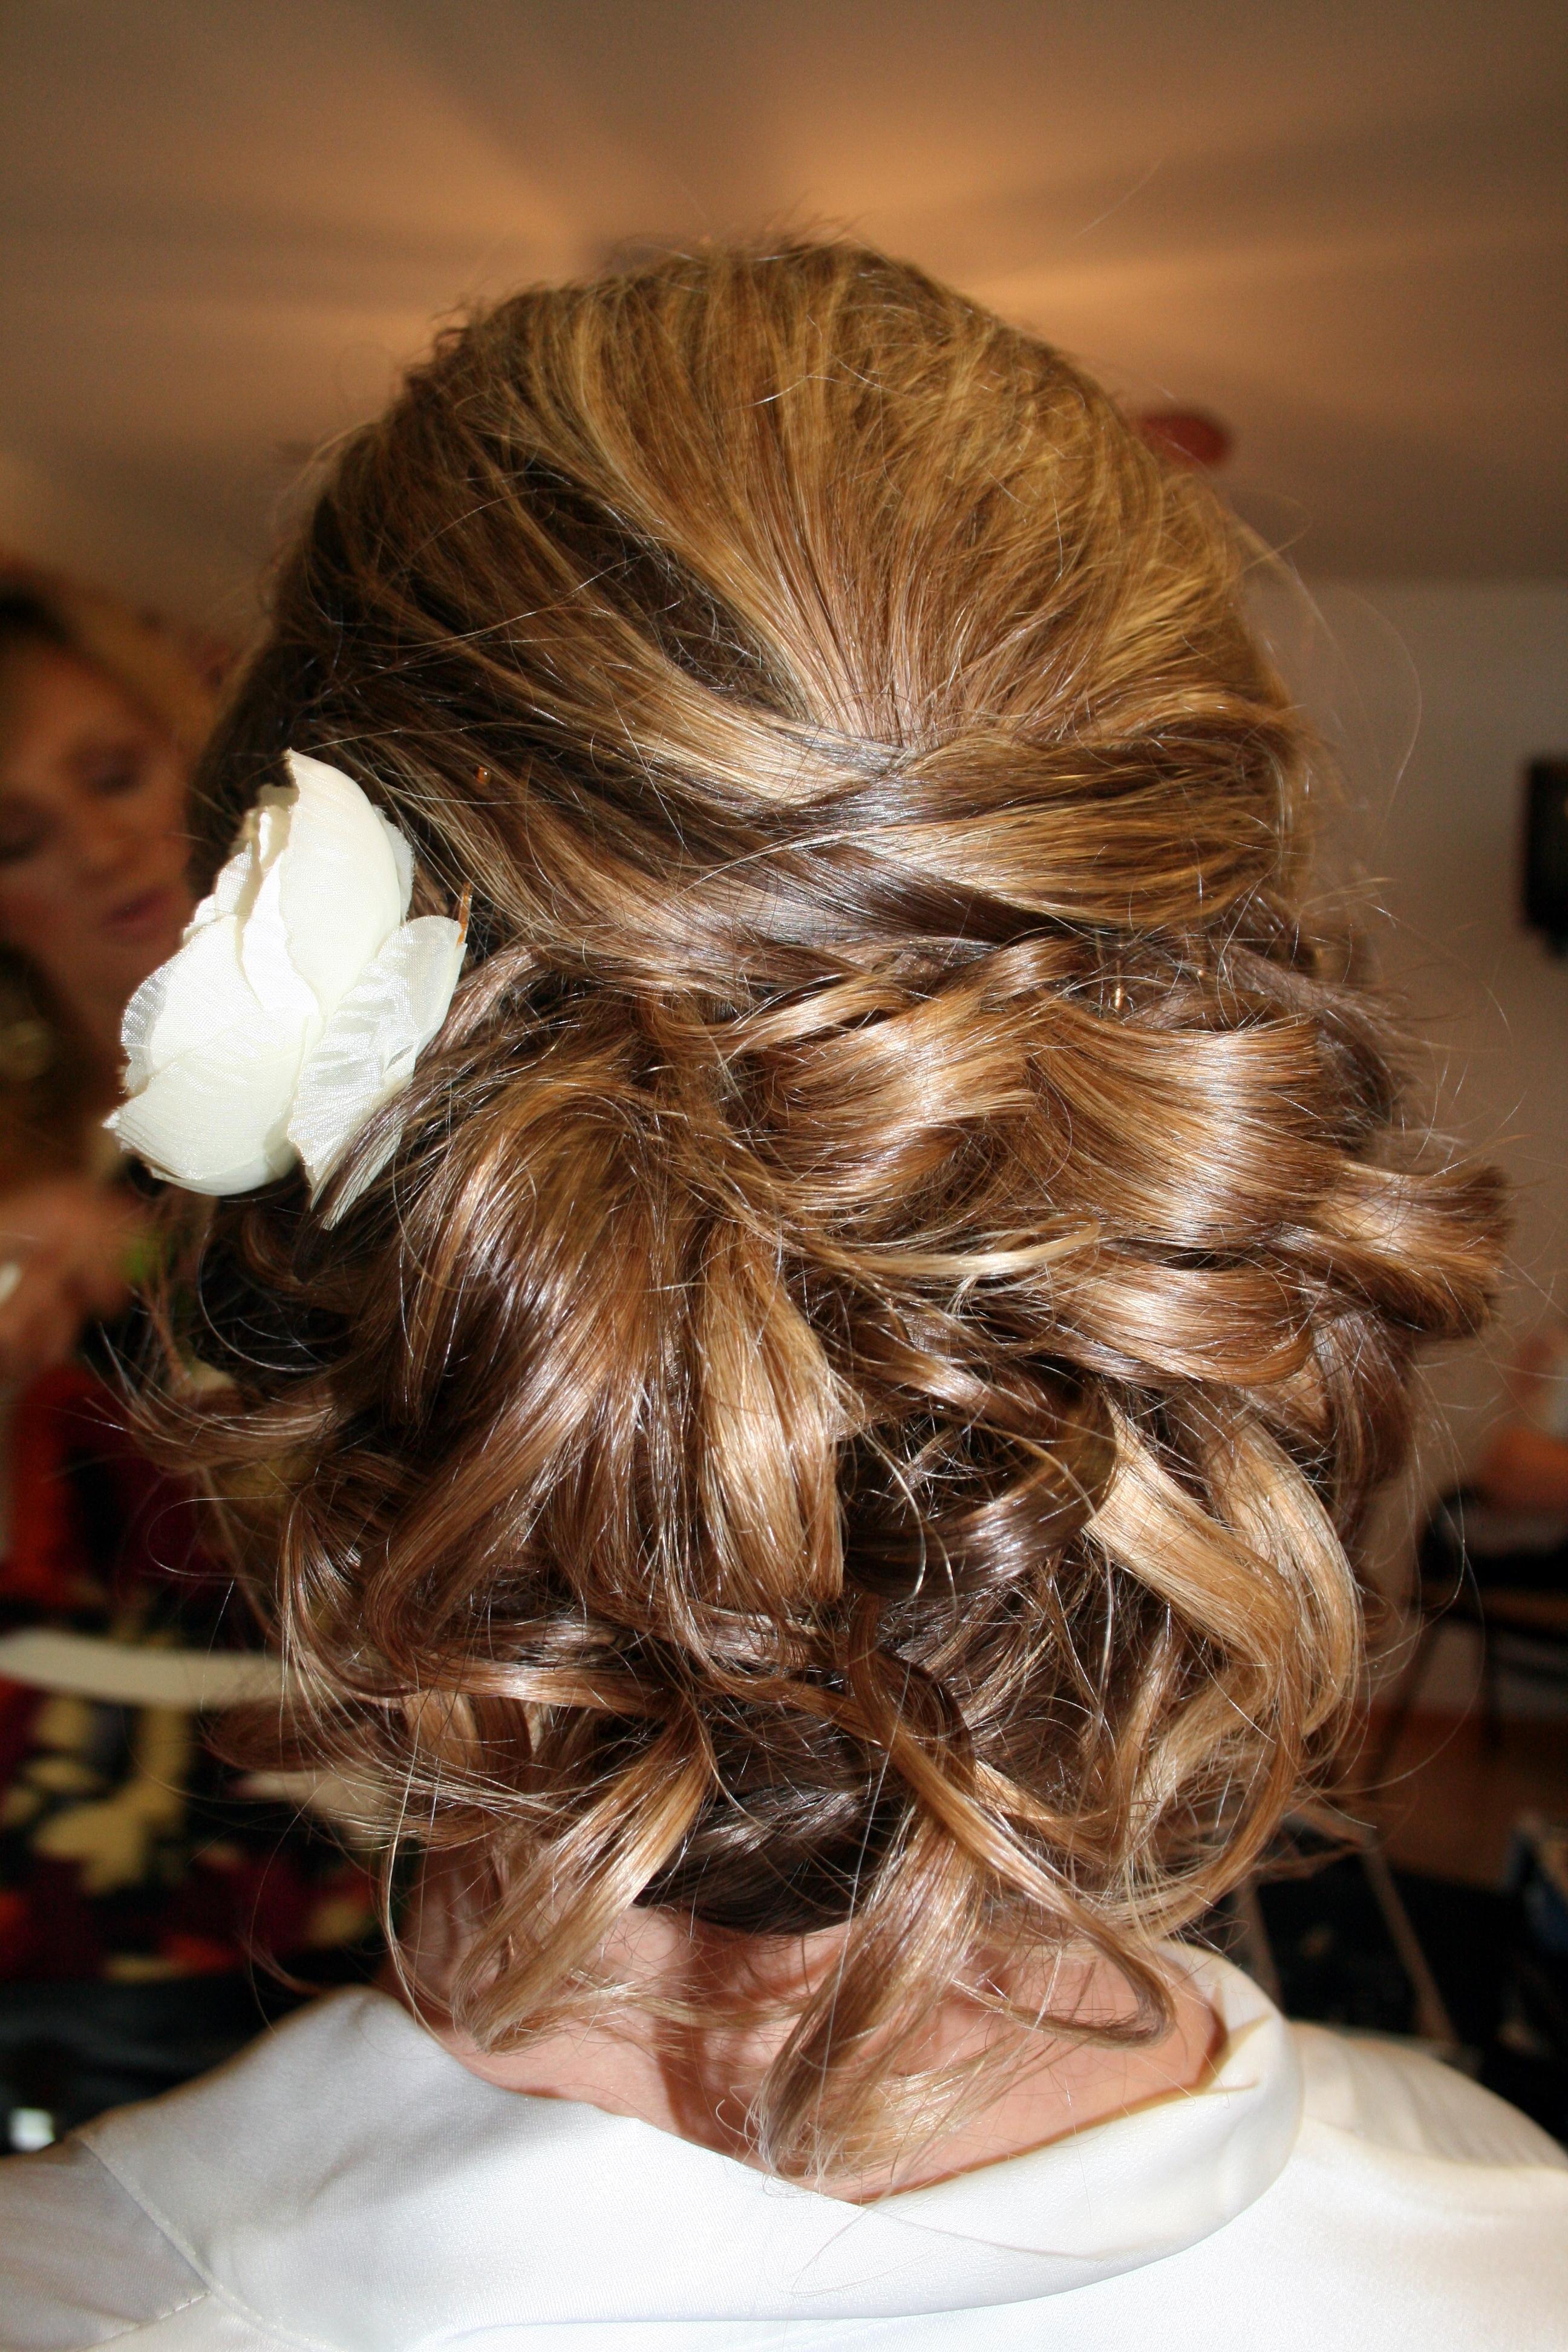 Beauty, Flowers & Decor, Chignon, Updo, Flower, Hair, Curls, Bun